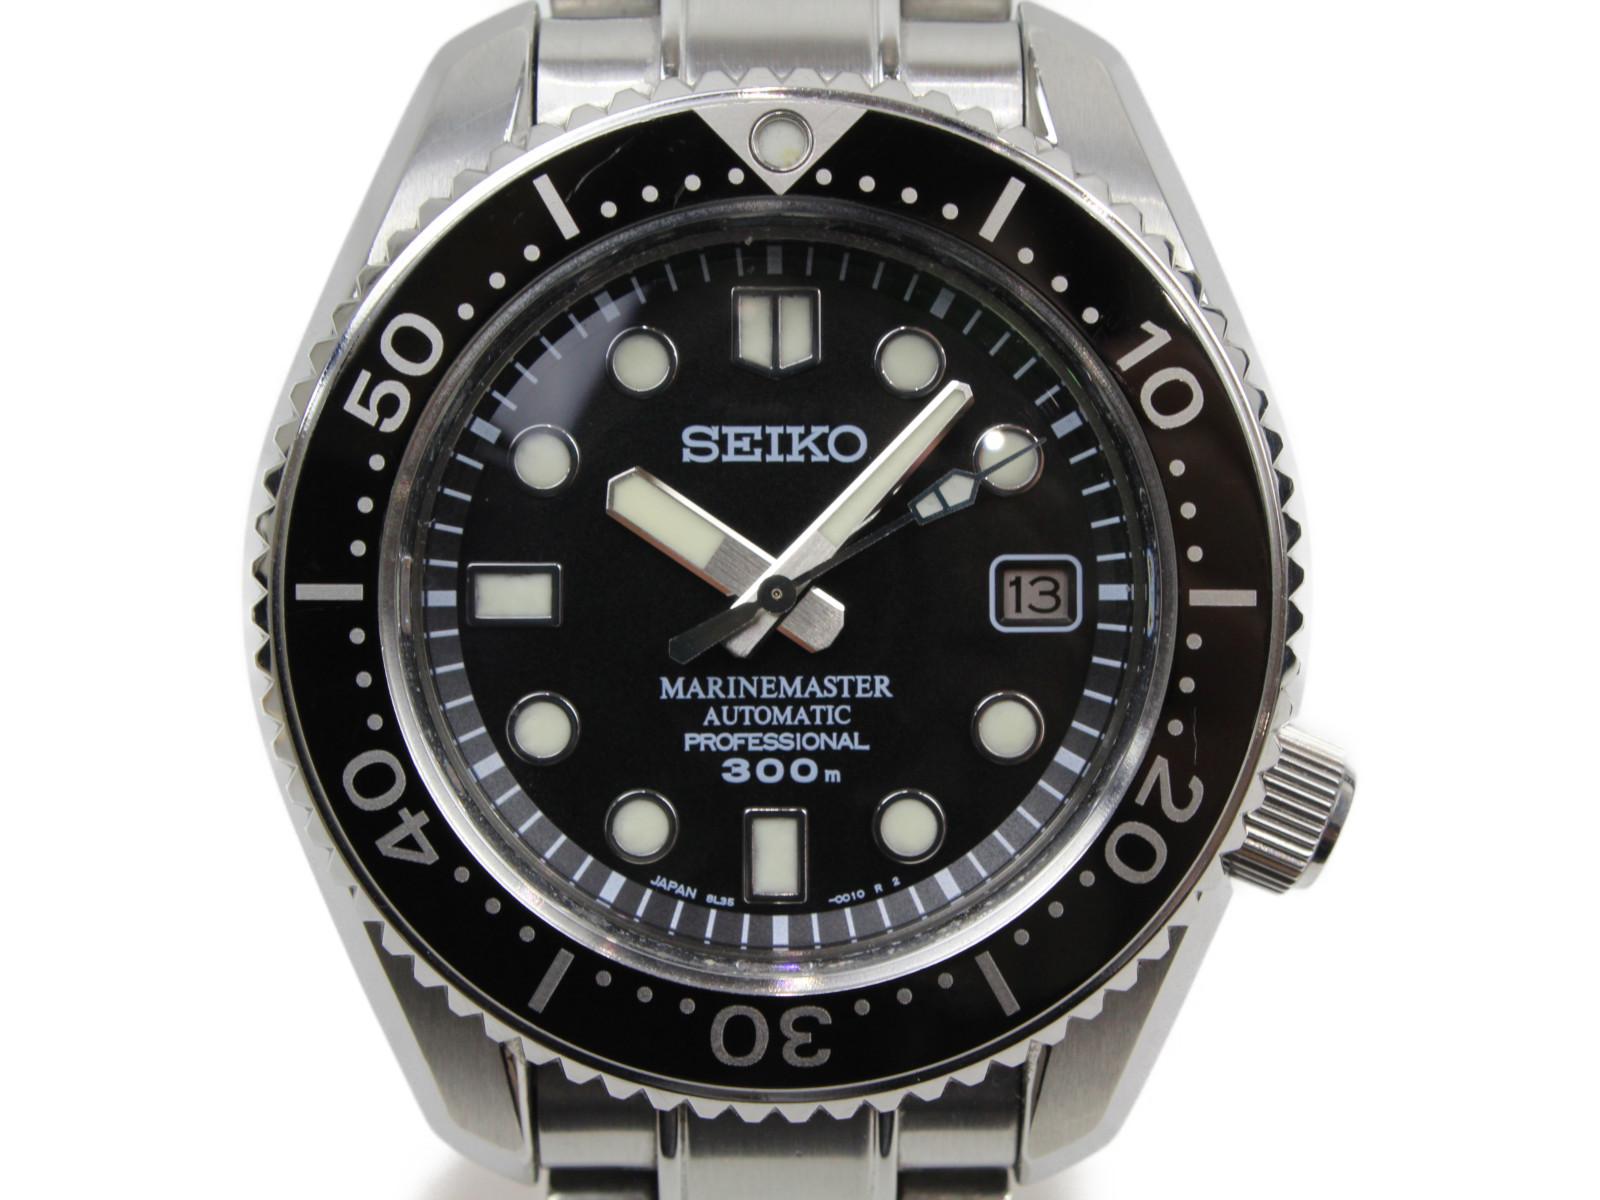 【替えベルト付】SEIKO セイコー プロスペック マリンマスター プロフェッショナル SBDX001 自動巻き デイト SS ラバー ブラック メンズ 腕時計【中古】